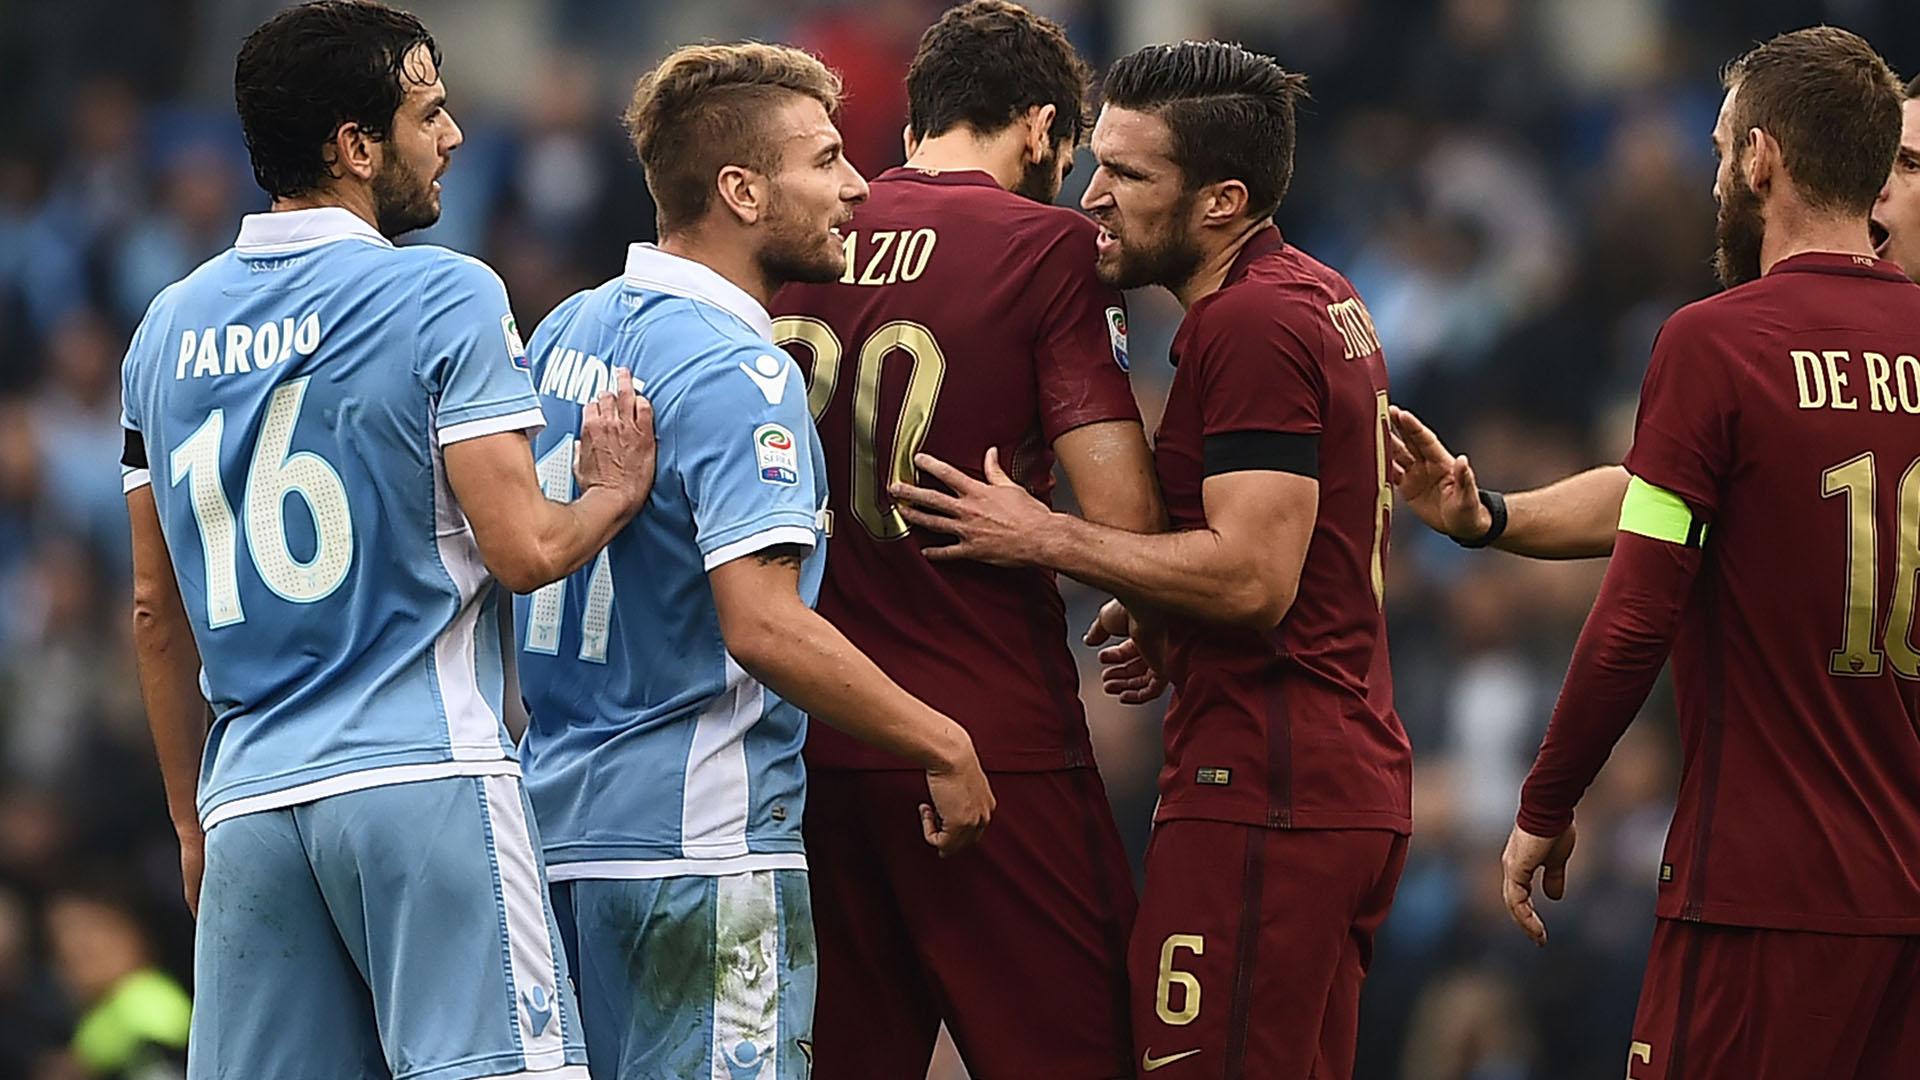 La Roma se impone a la Lazio en el ´Derby della Capitale´ (0-2)